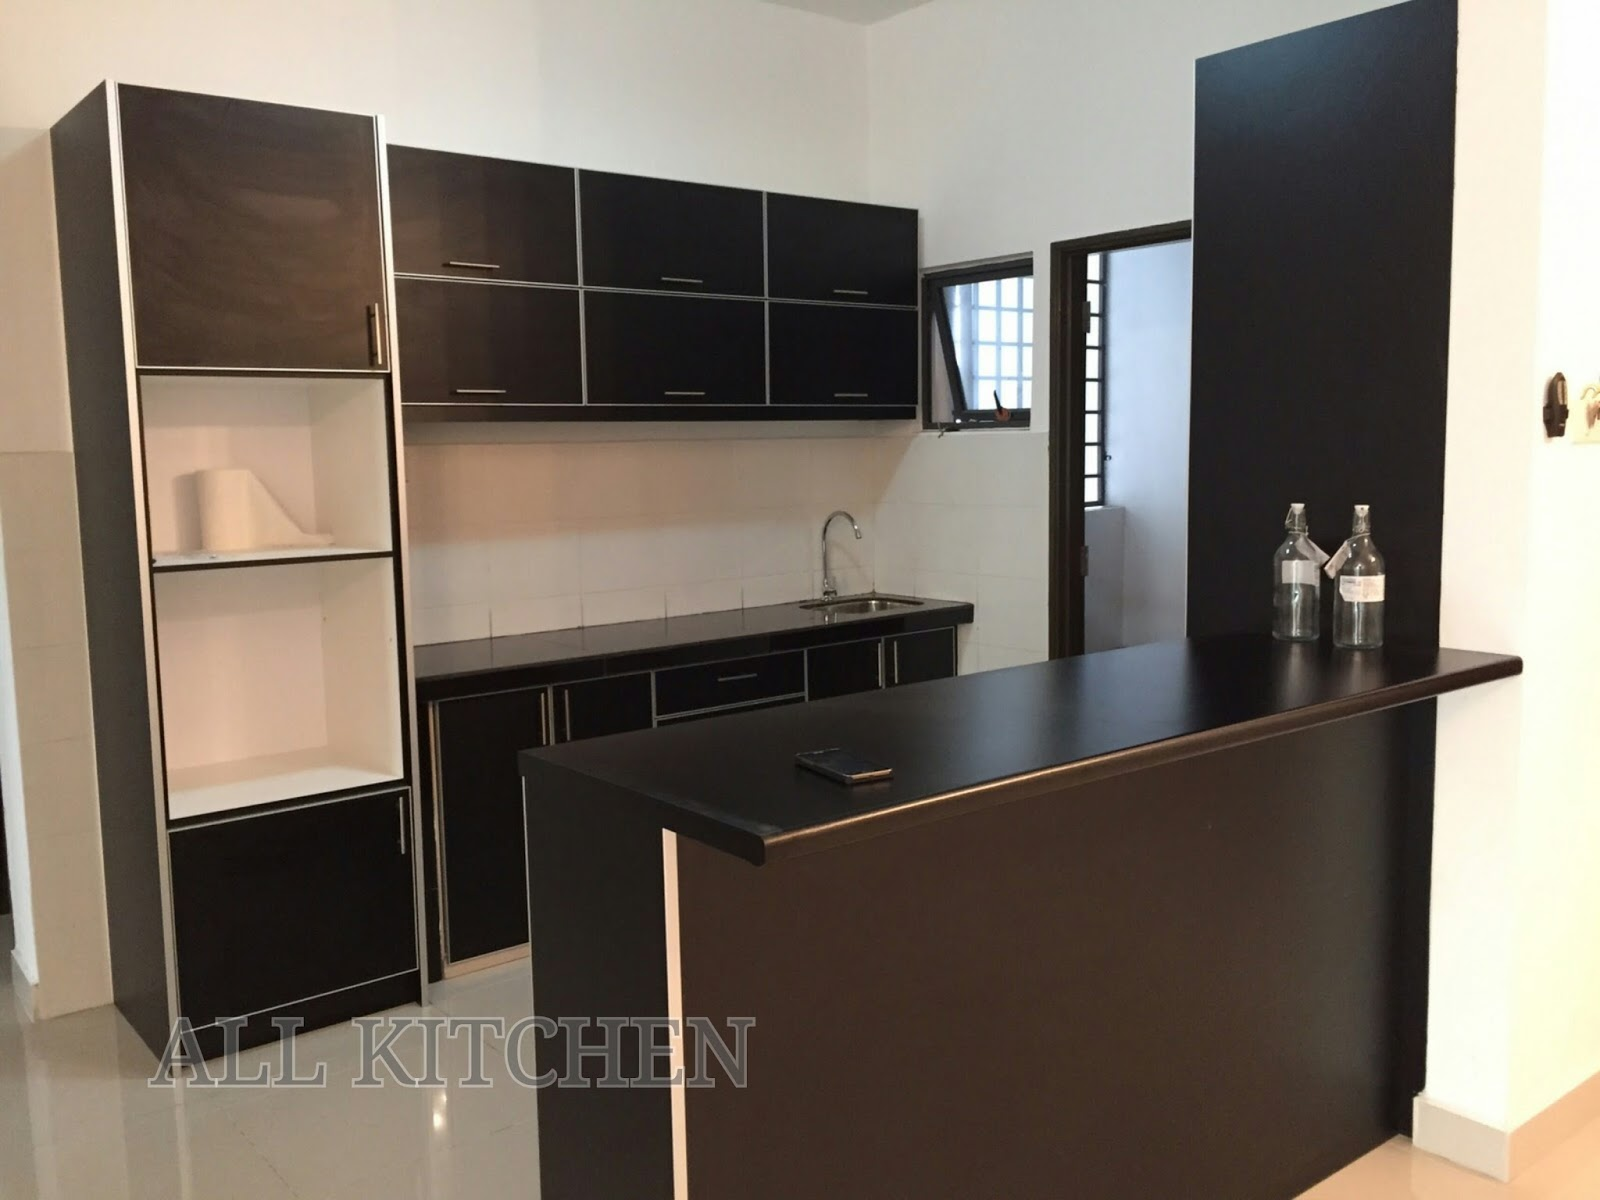 kabinet dapur murah 2016